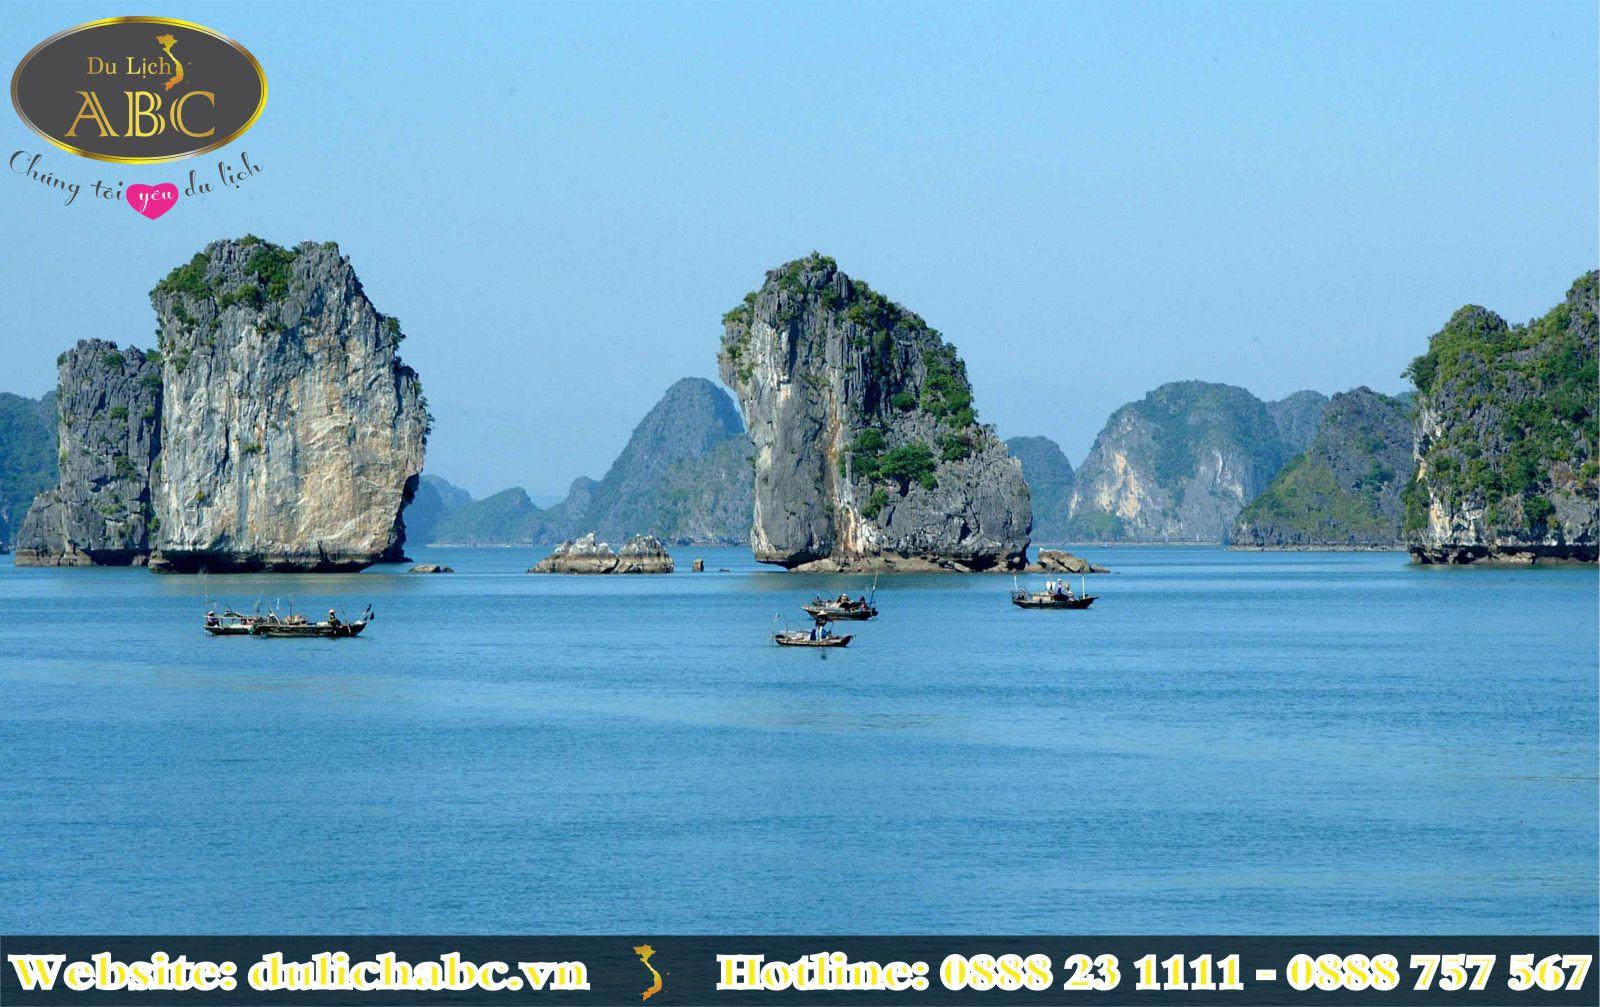 Khám Phá 10 Địa Điểm Du Lịch Hot Nhất Việt Nam 2017